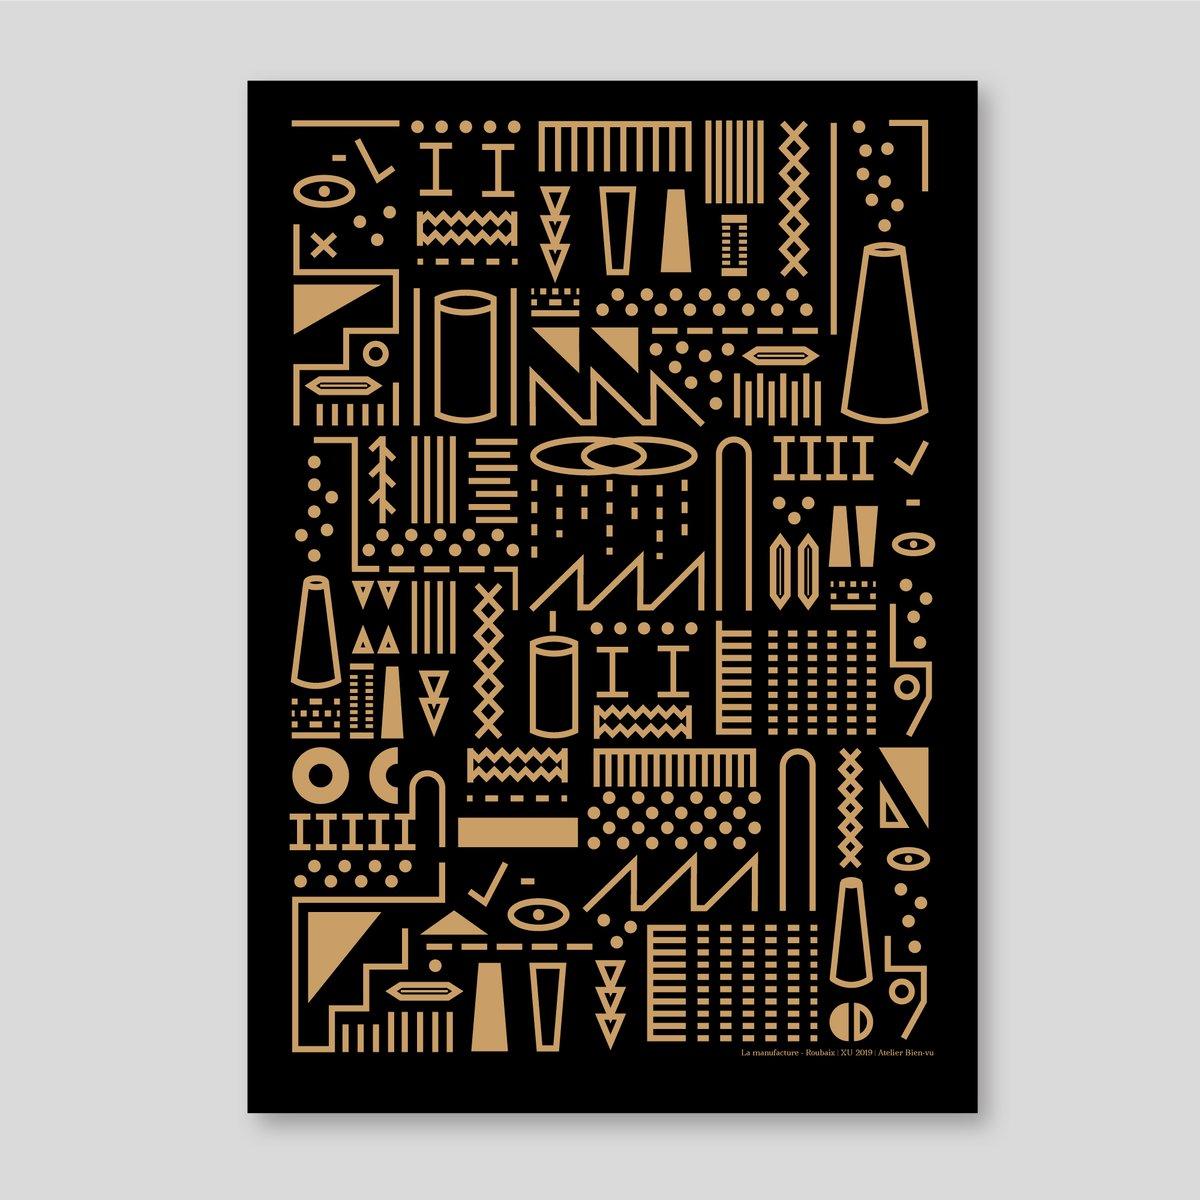 Image of La Manufacture — Atelier Bien-Vu